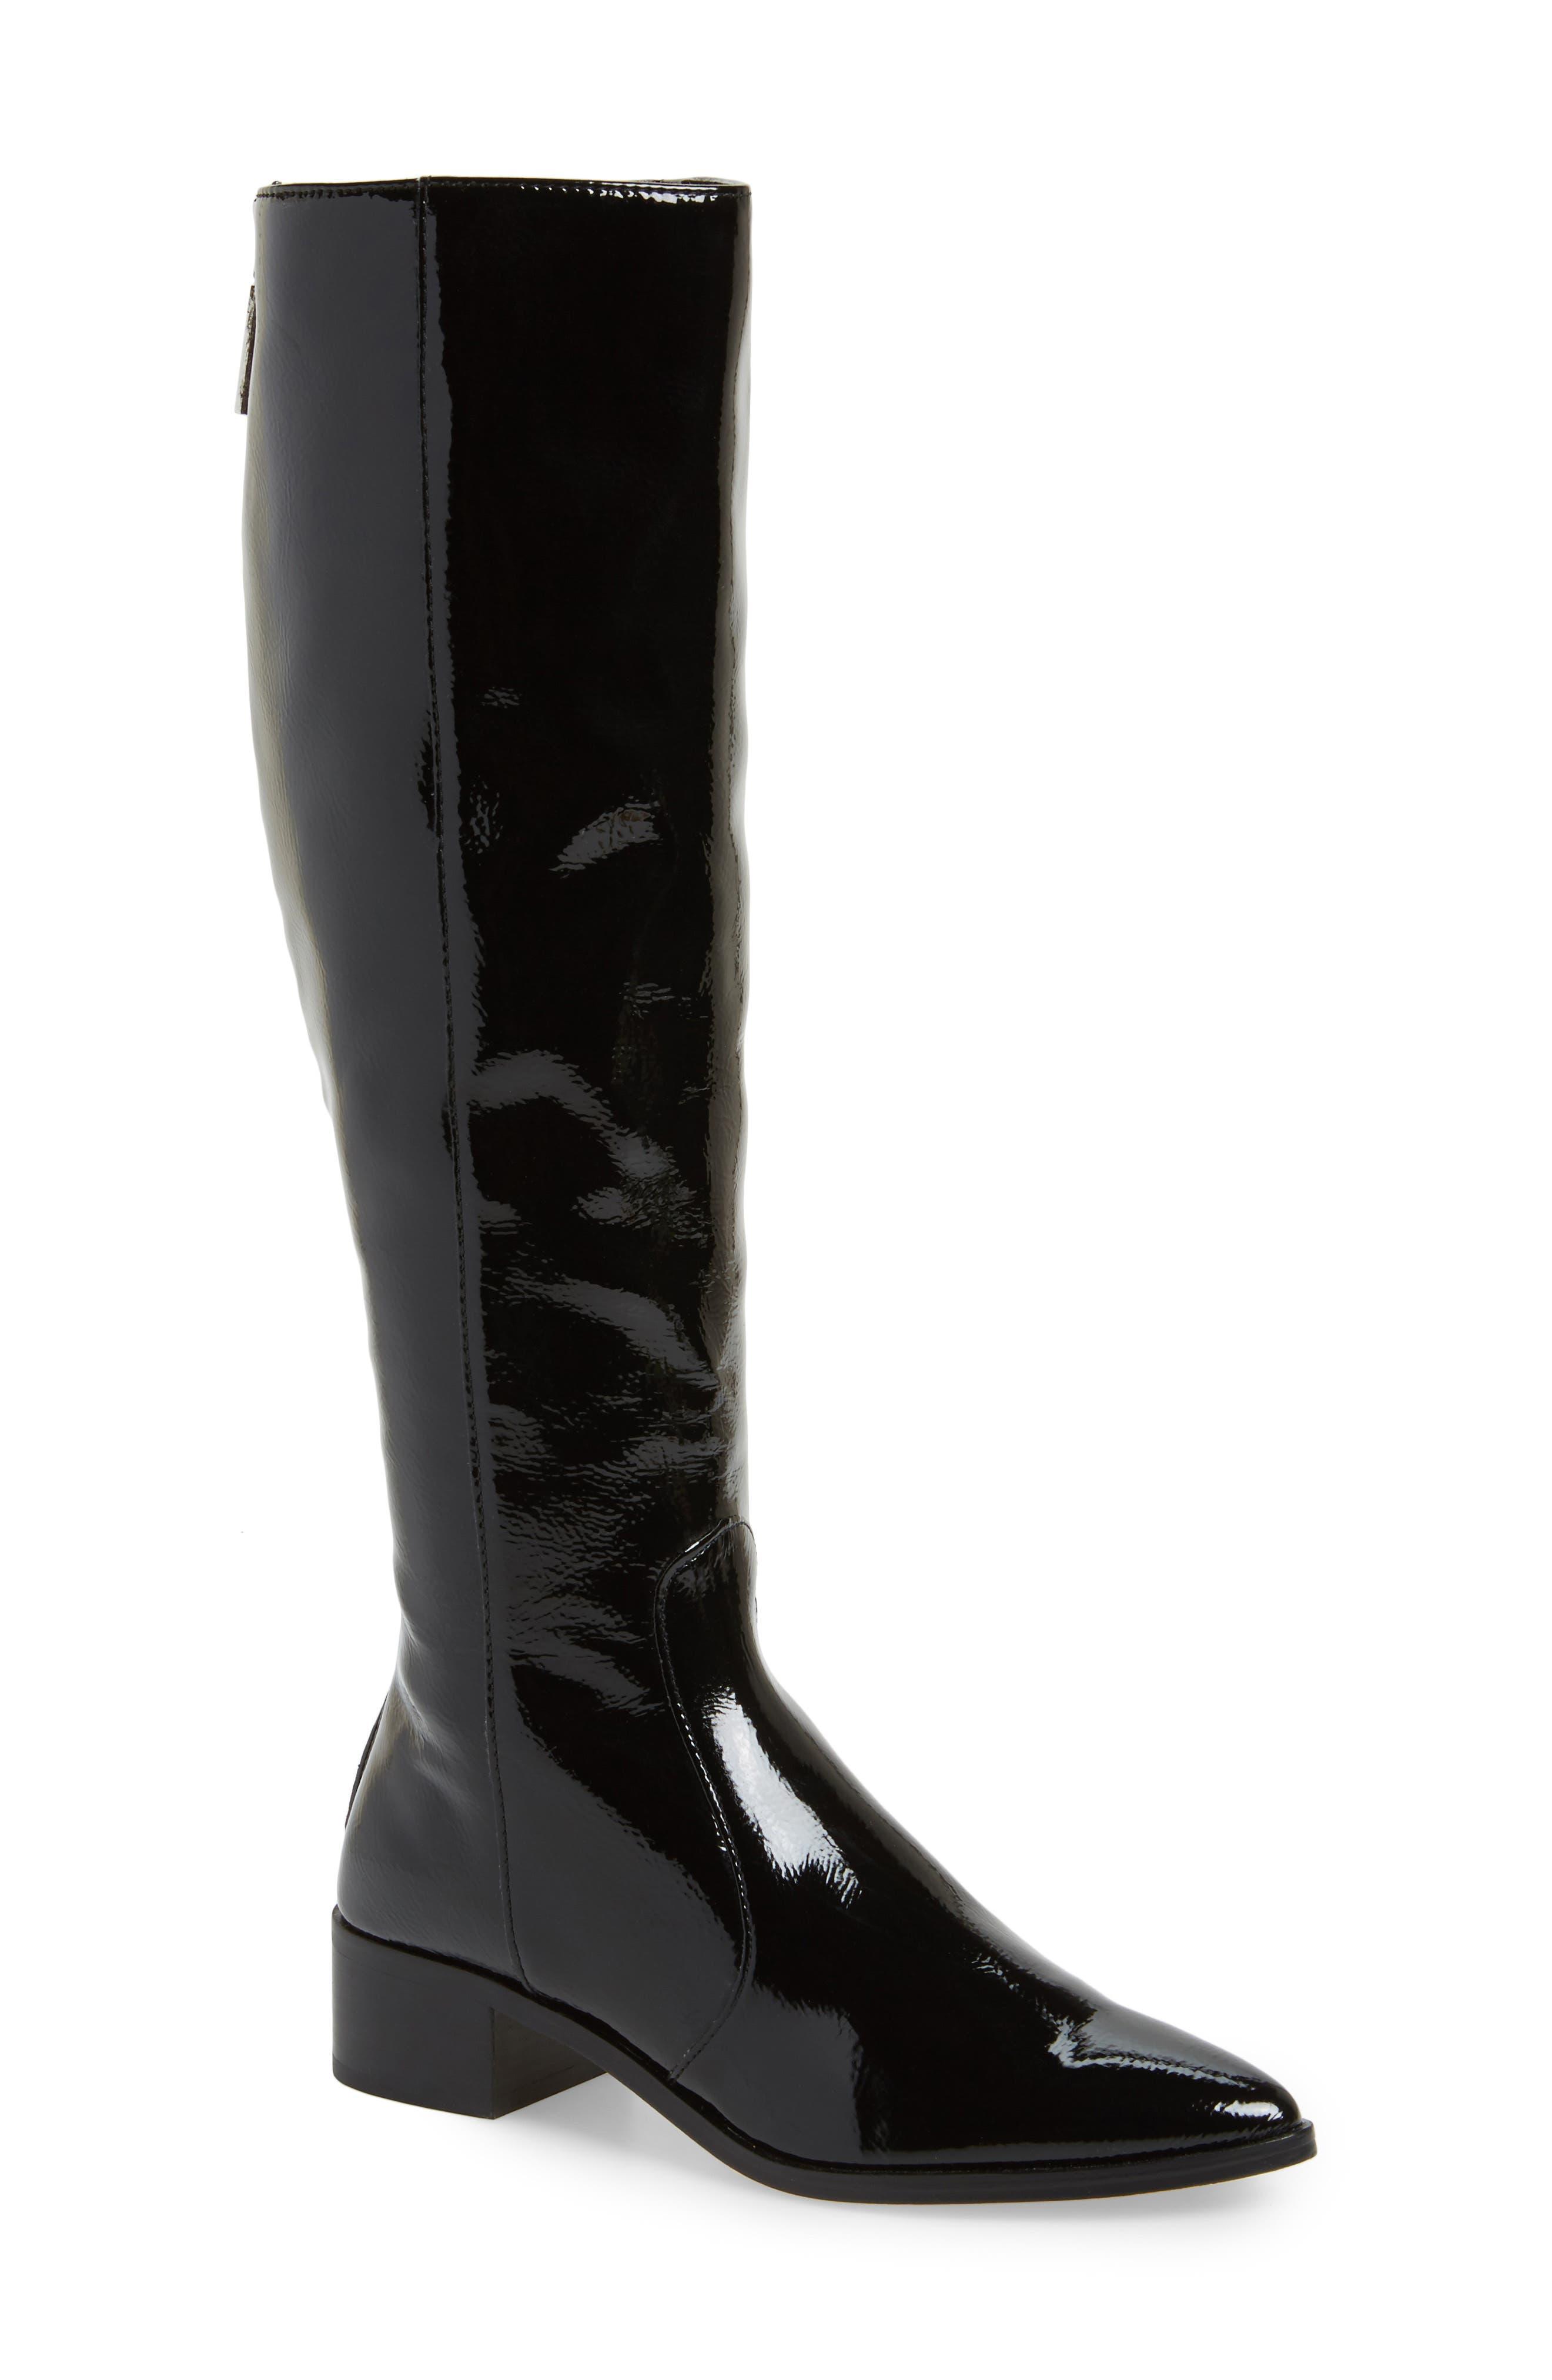 Main Image - Dolce Vita Morey Knee High Riding Boot (Women)